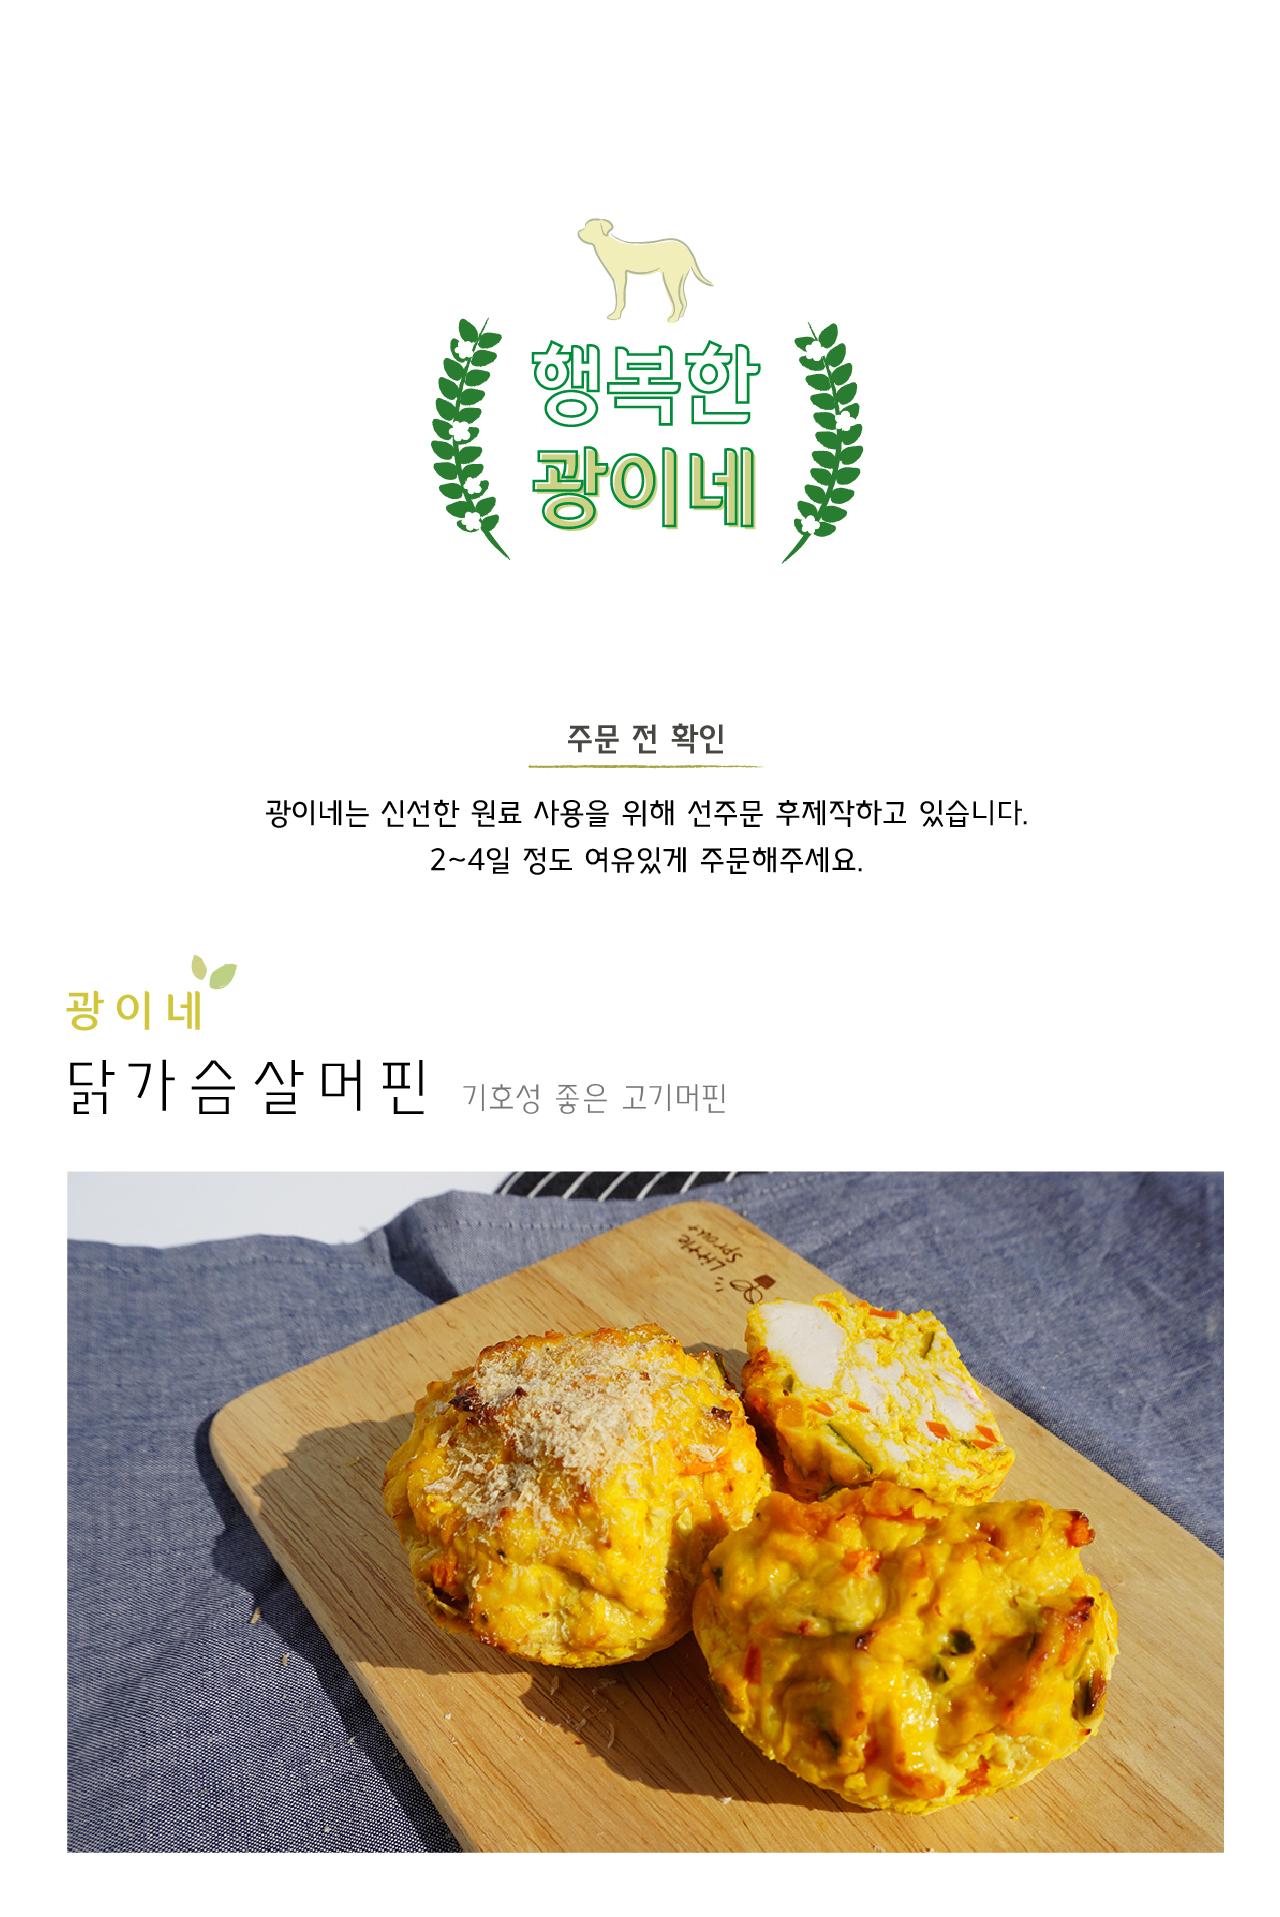 강아지수제간식 닭머핀 케이크 - 행복한 광이네, 6,000원, 간식/영양제, 수제간식